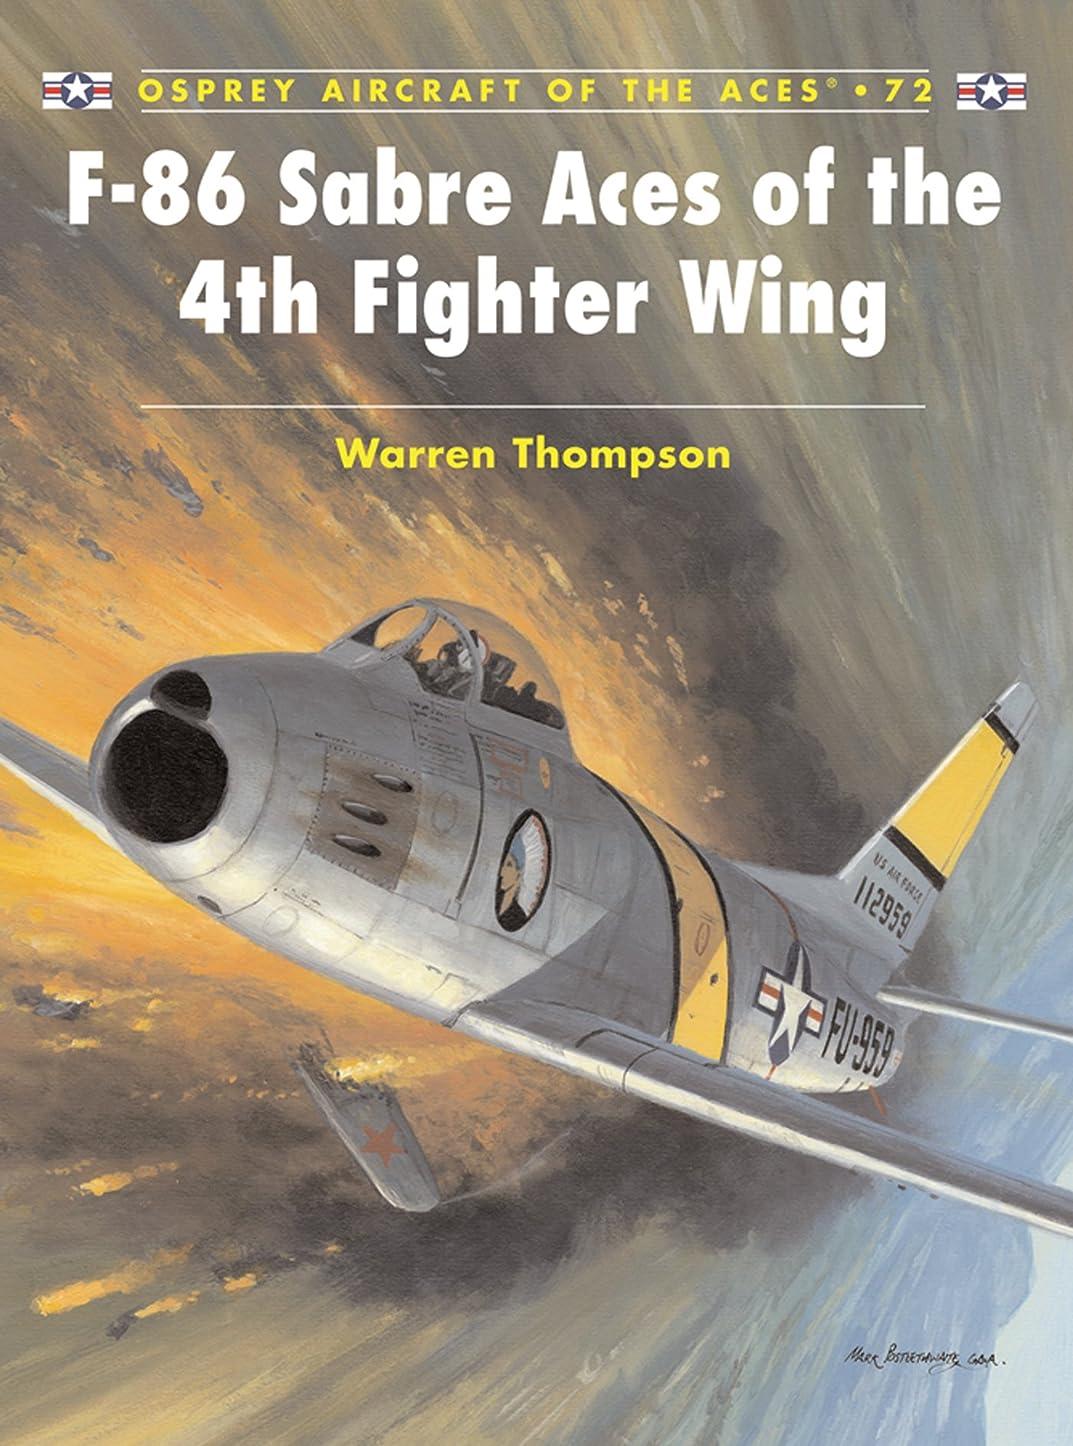 問い合わせ肥料一元化するF-86 Sabre Aces of the 4th Fighter Wing (Aircraft of the Aces Book 72) (English Edition)